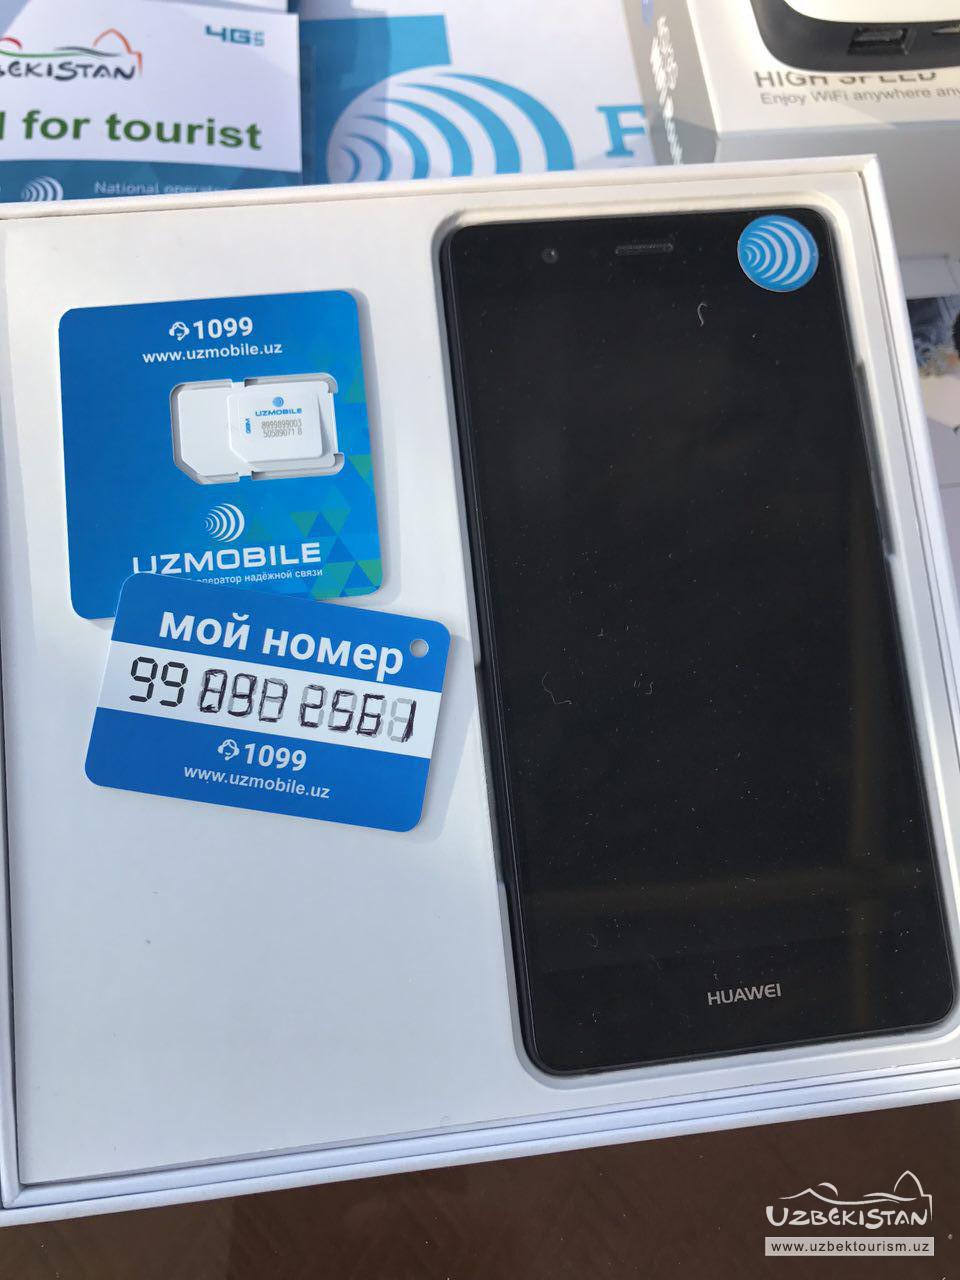 SIM cards in Uzbekistan